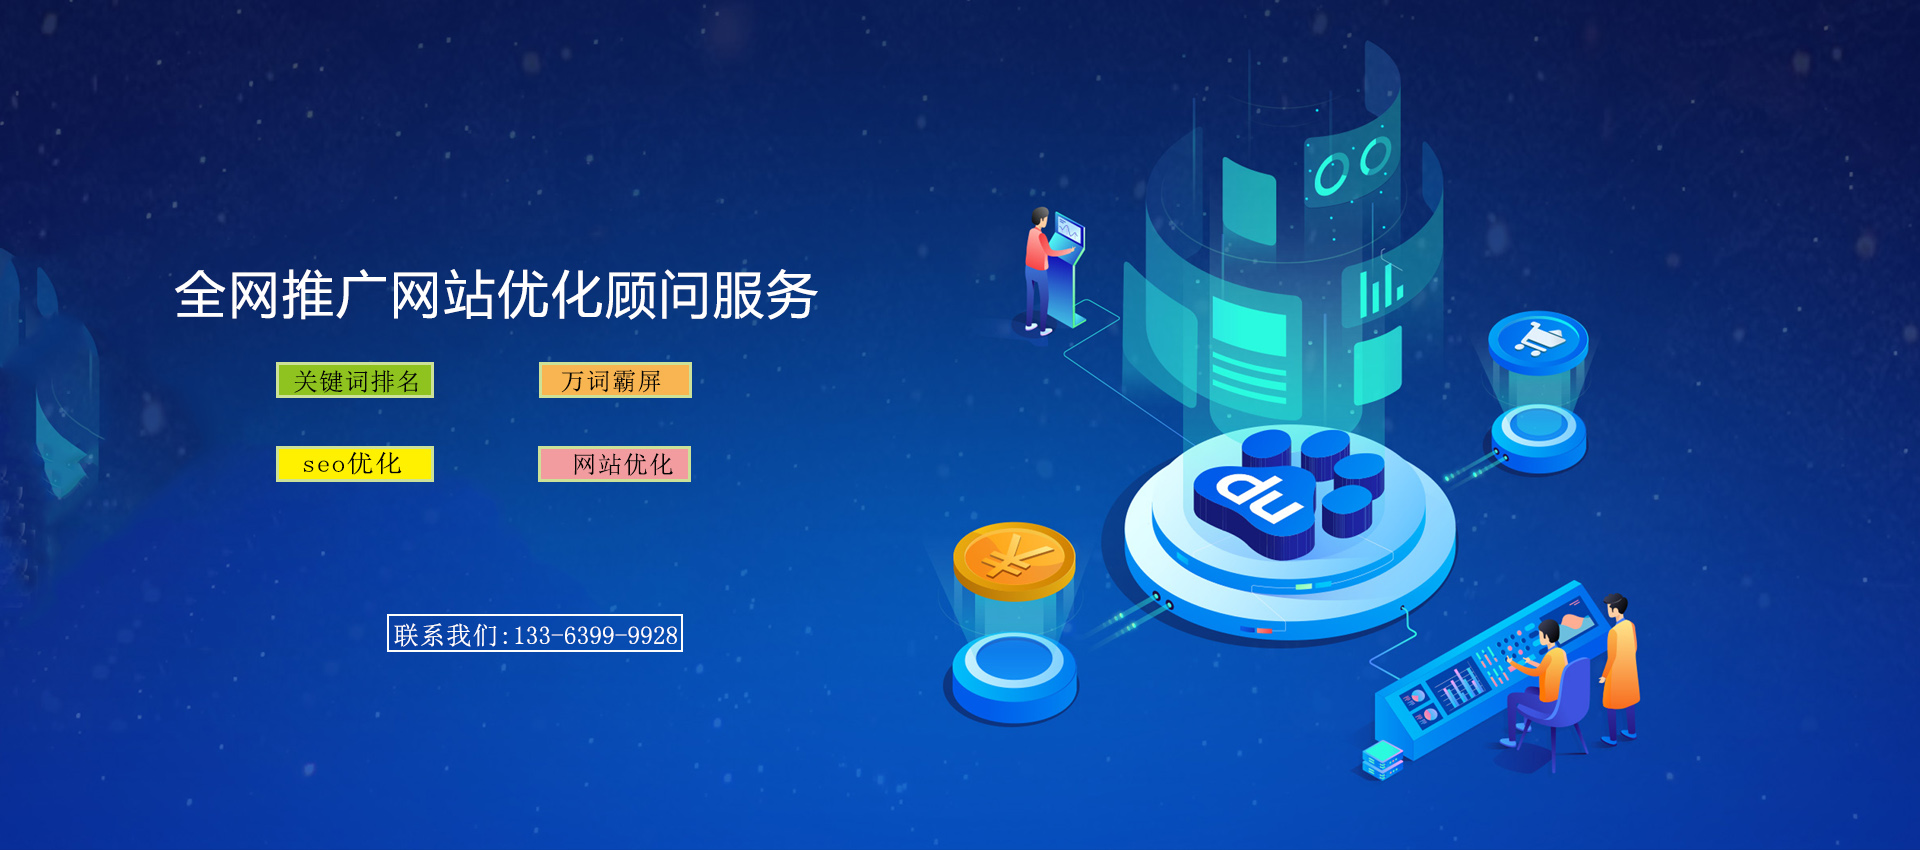 西安网站优化公司